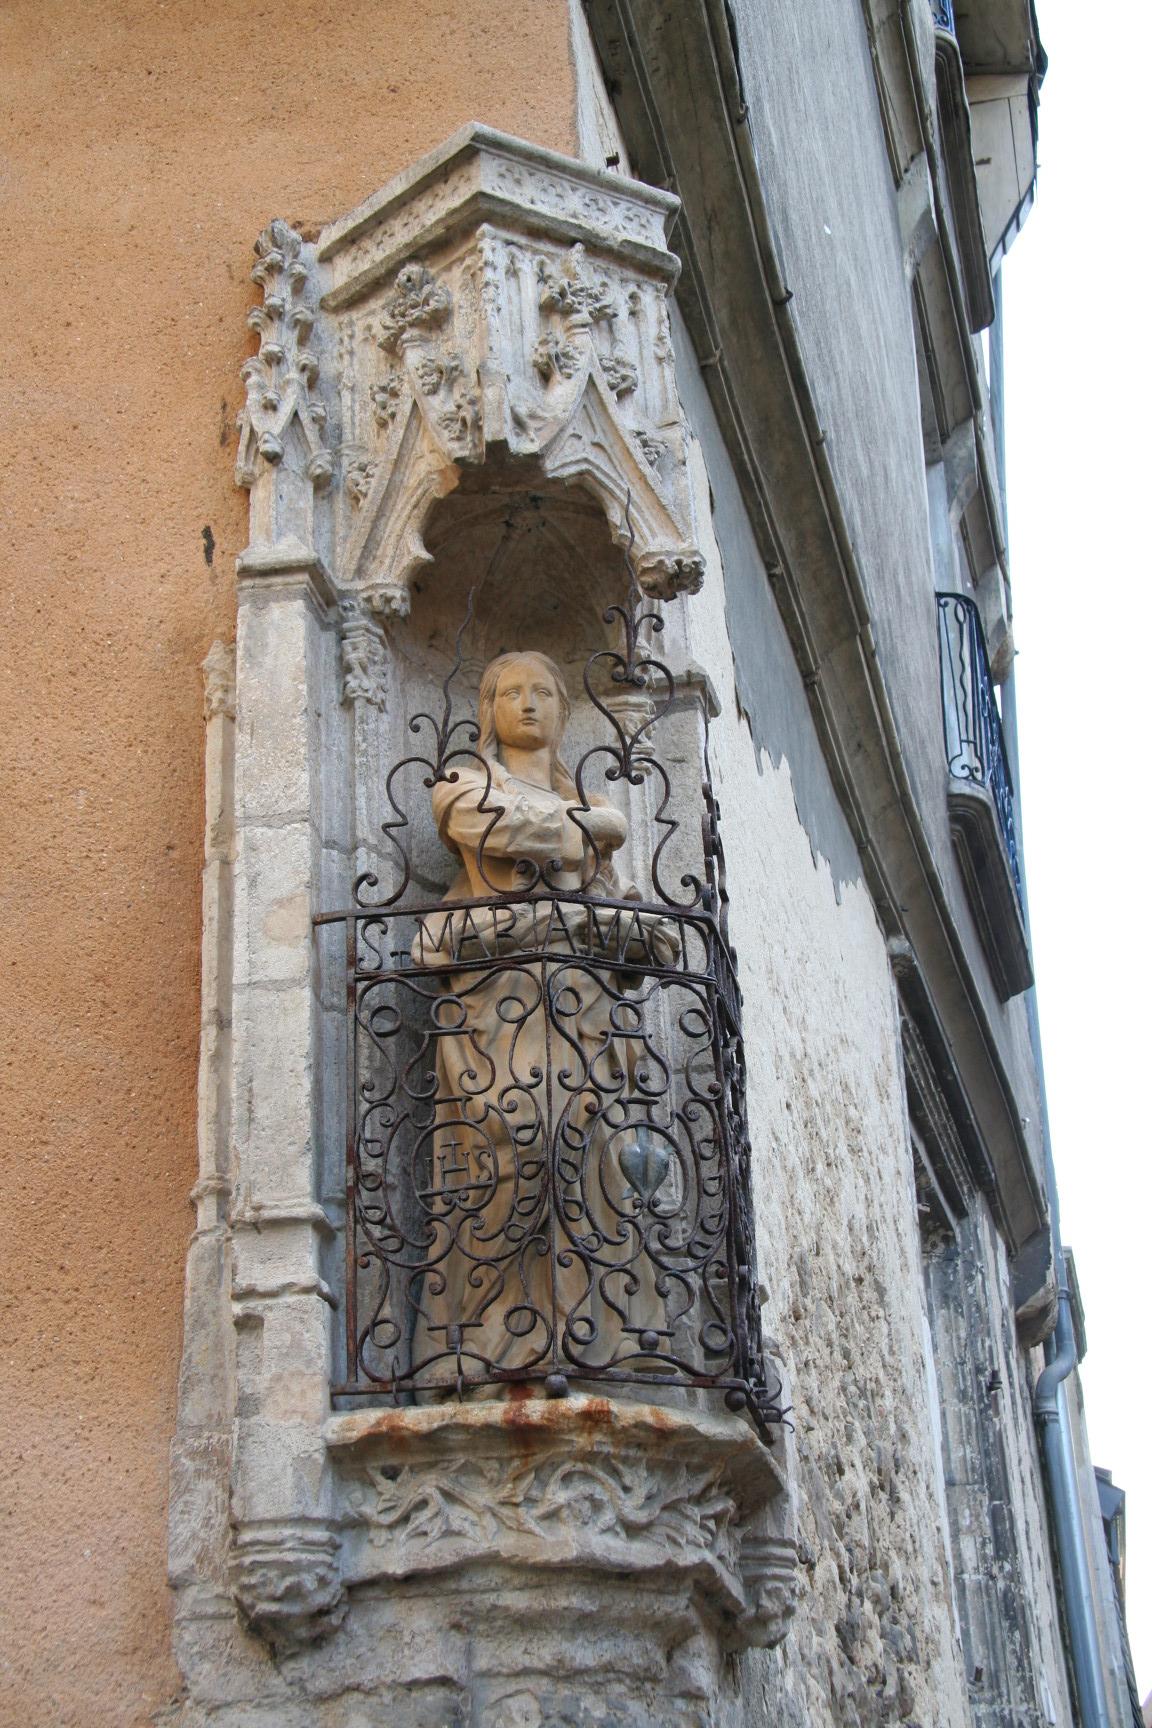 Le Vieux Mans en 2010 - Rue de Vaux et Rue du Bouquet - Statue de Sainte Madeleine (Sylvie Leveau)